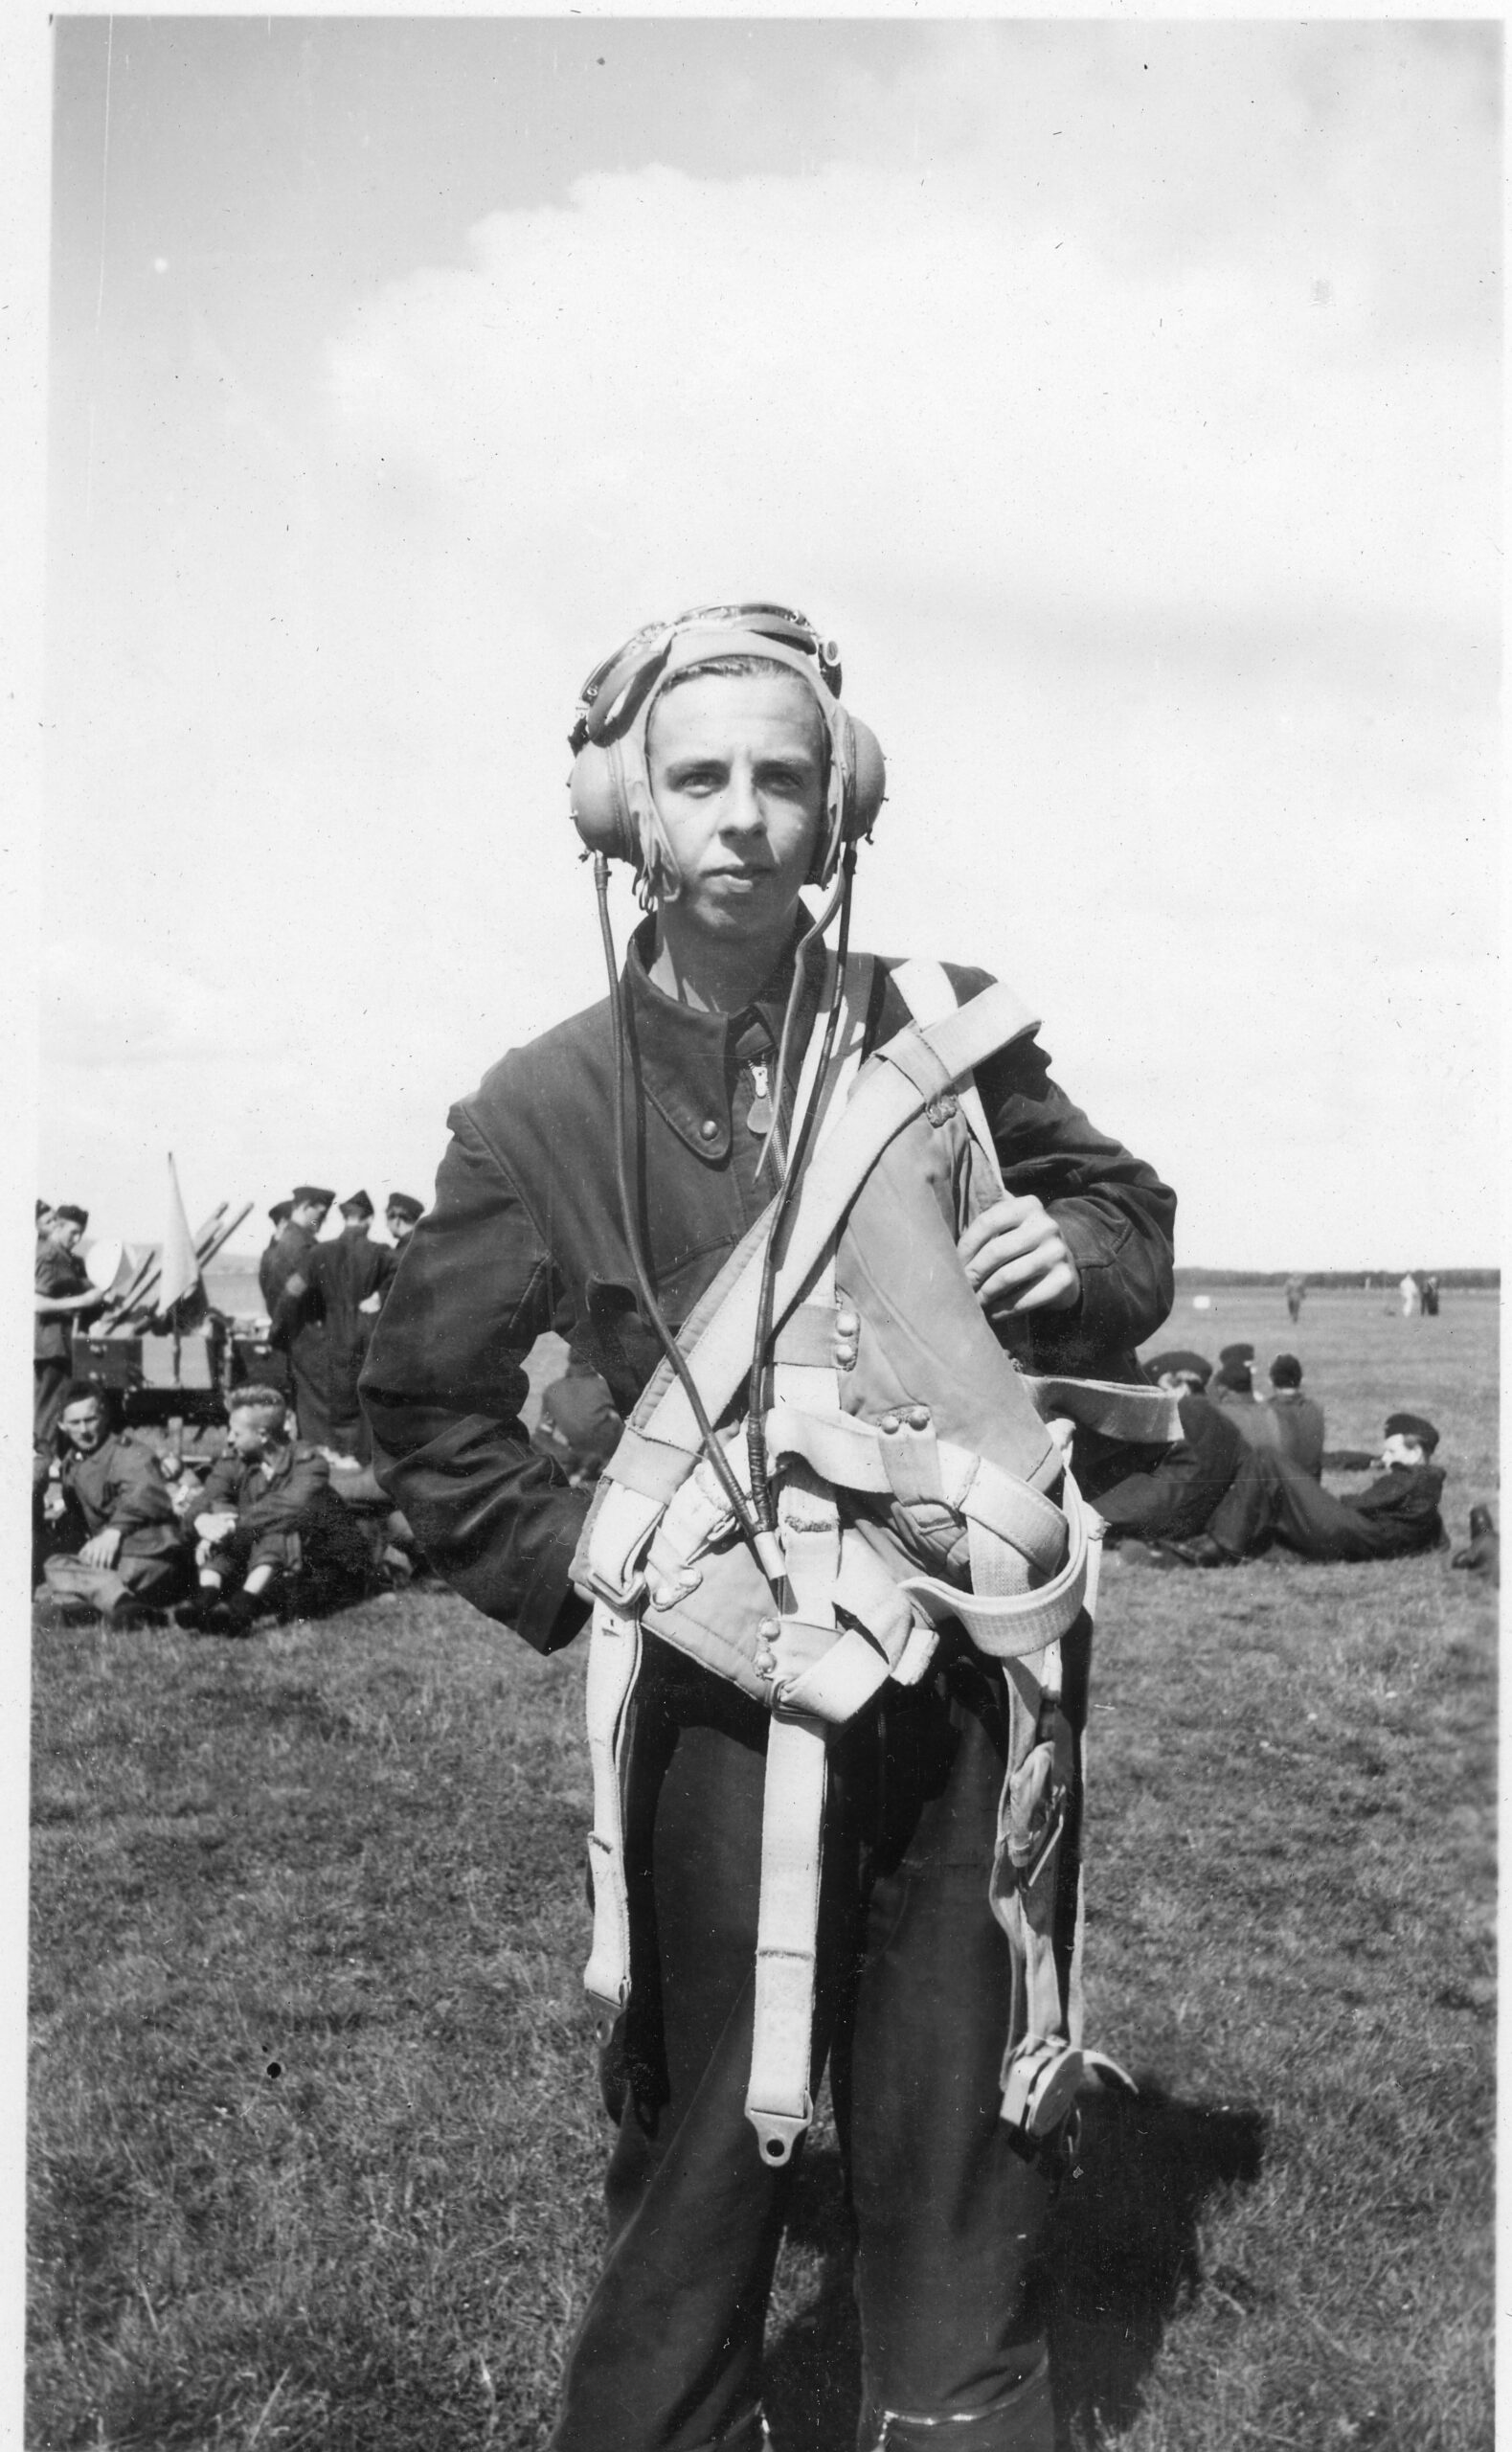 Anders Rogberg var 18 år gammal när han ingick i Sveriges första flygvapenkull. Foto: Lightray Productions.